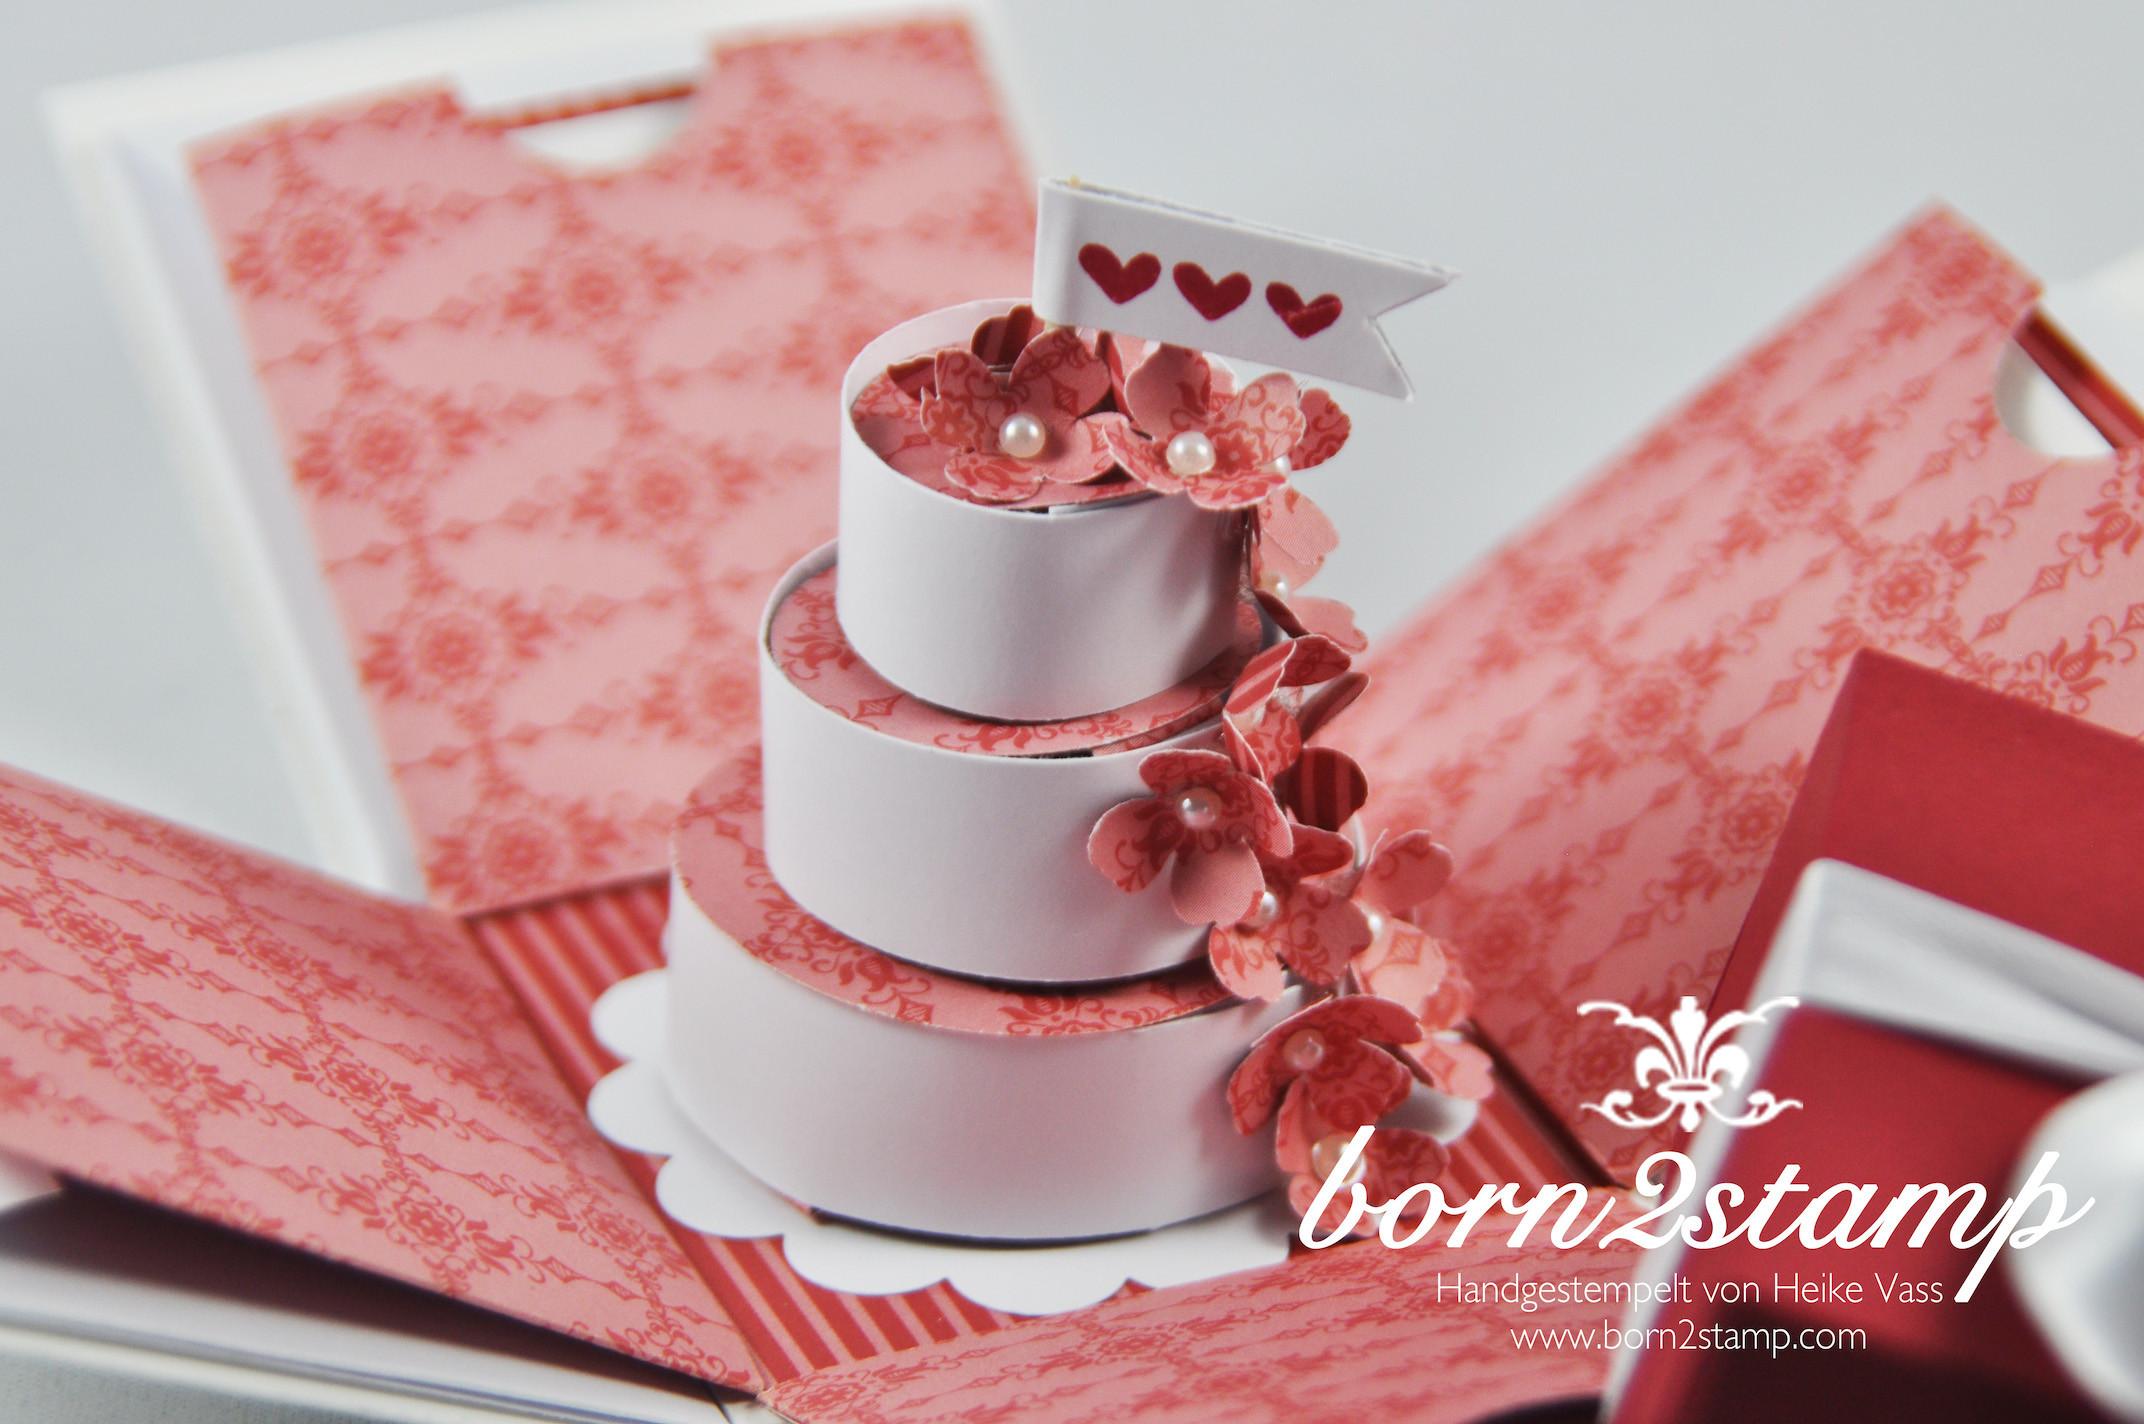 Explosionsbox Hochzeit Anleitung  Explosionsbox zur Hochzeit born2stamp